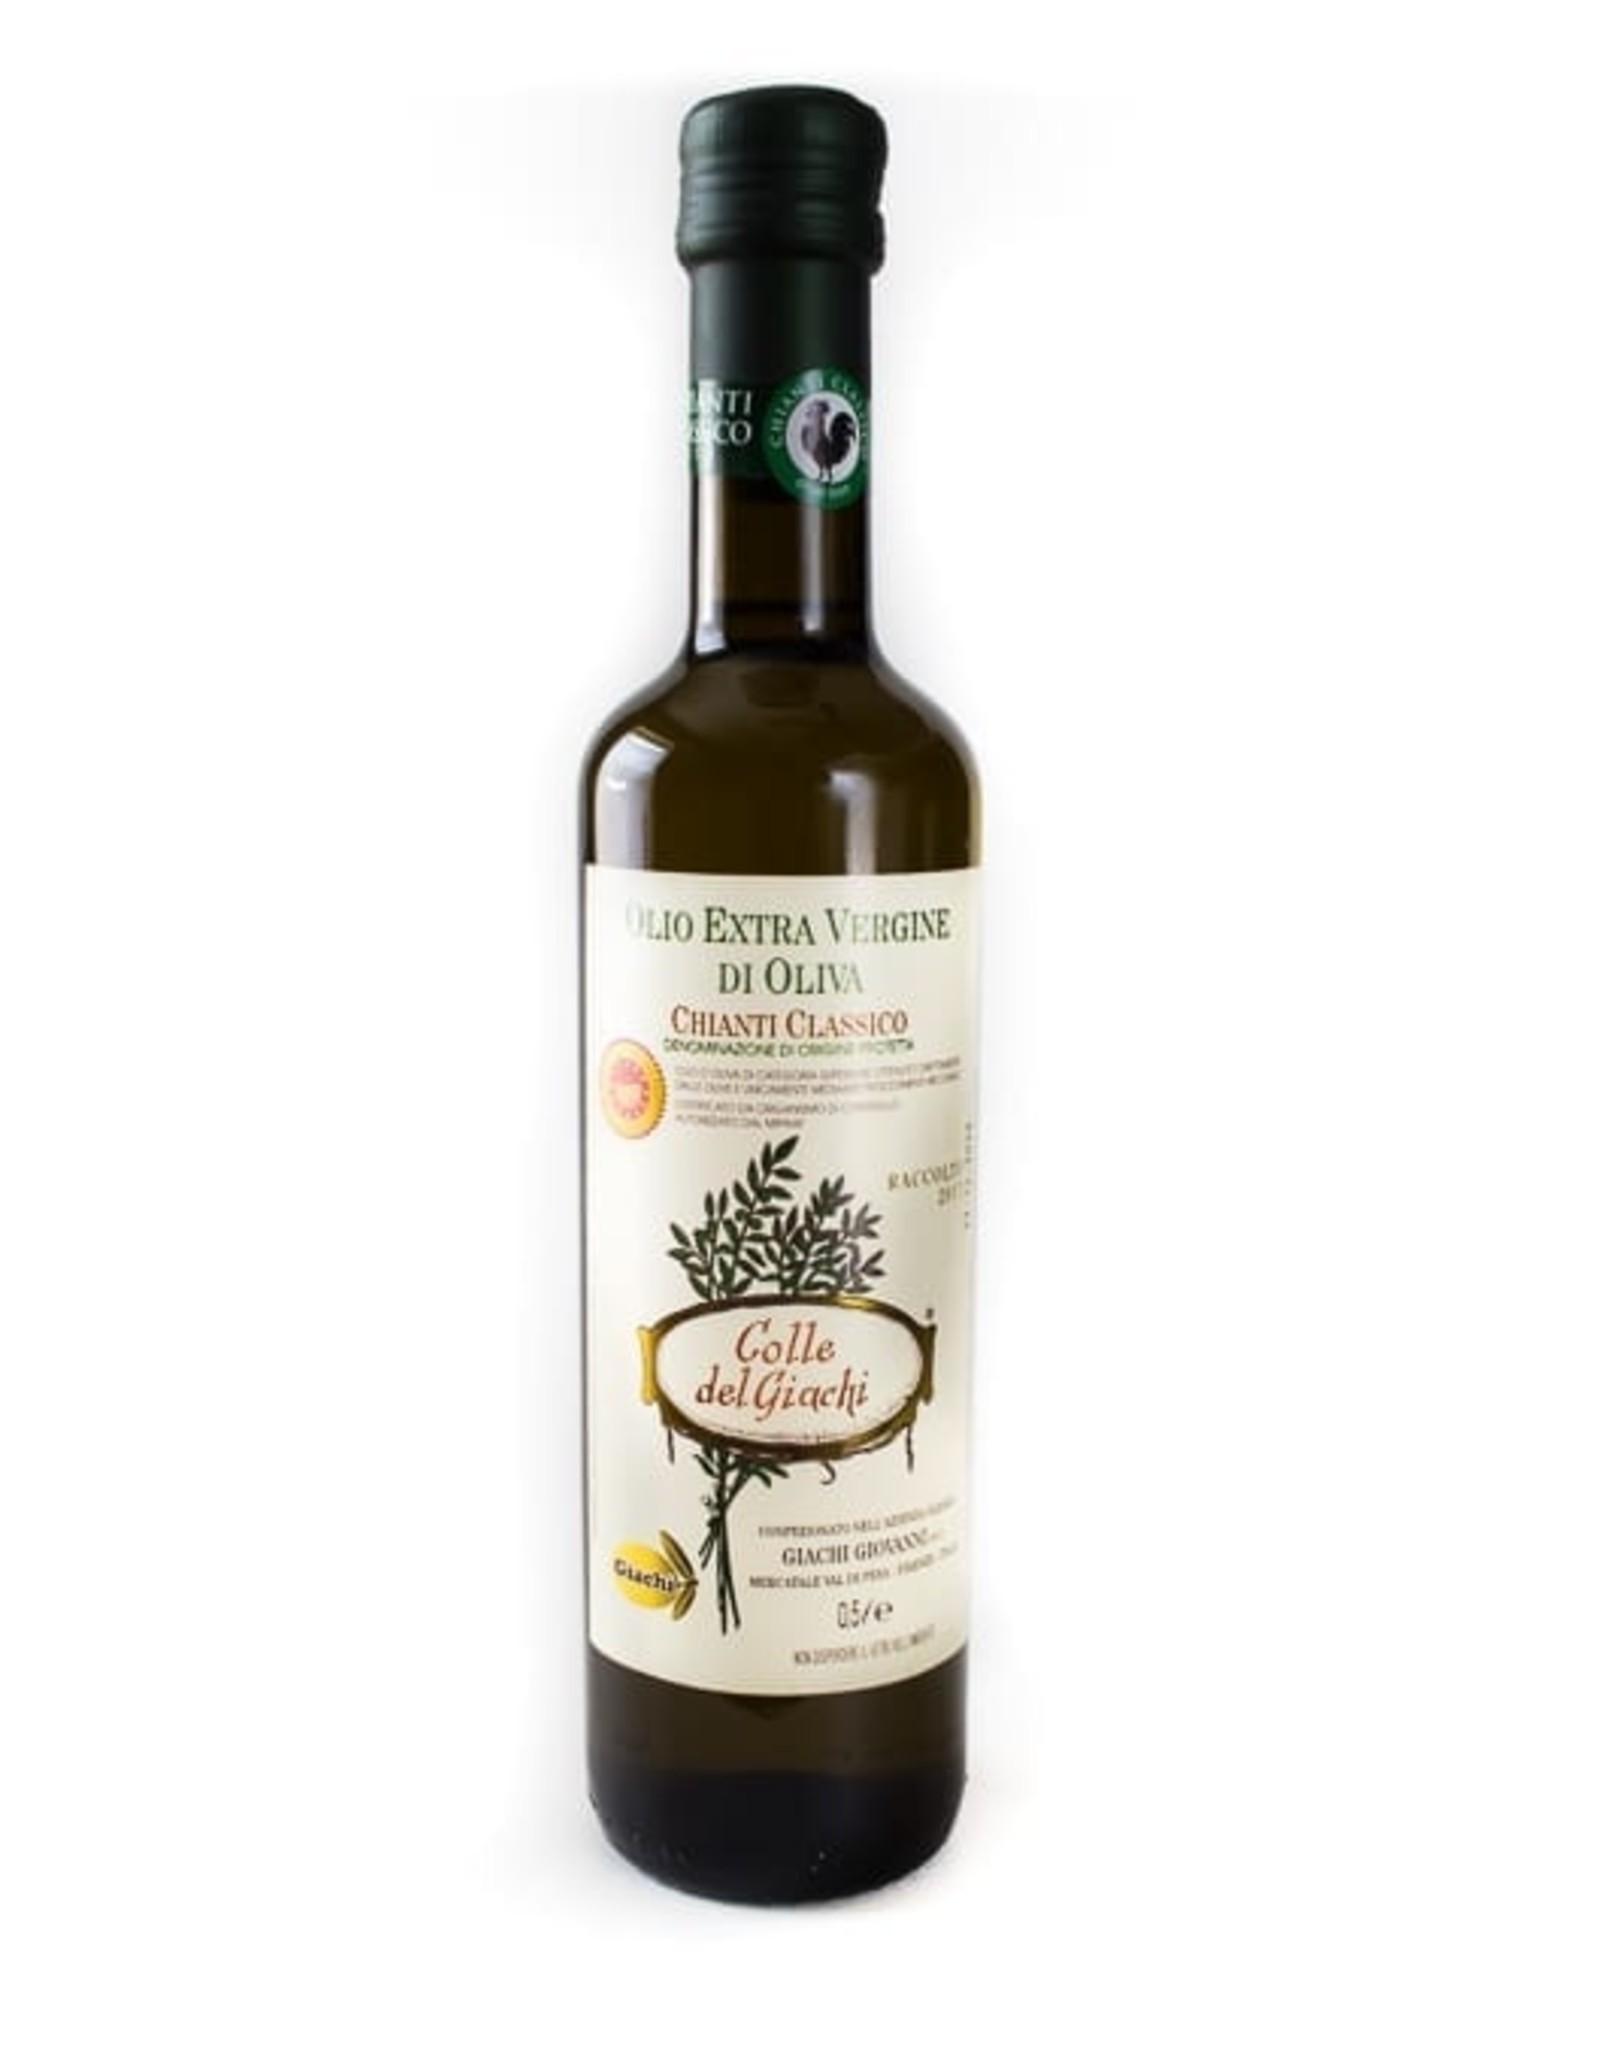 Colle del Giachi Colle del Giachi Chianti Classico Extra Virgin Olive Oil